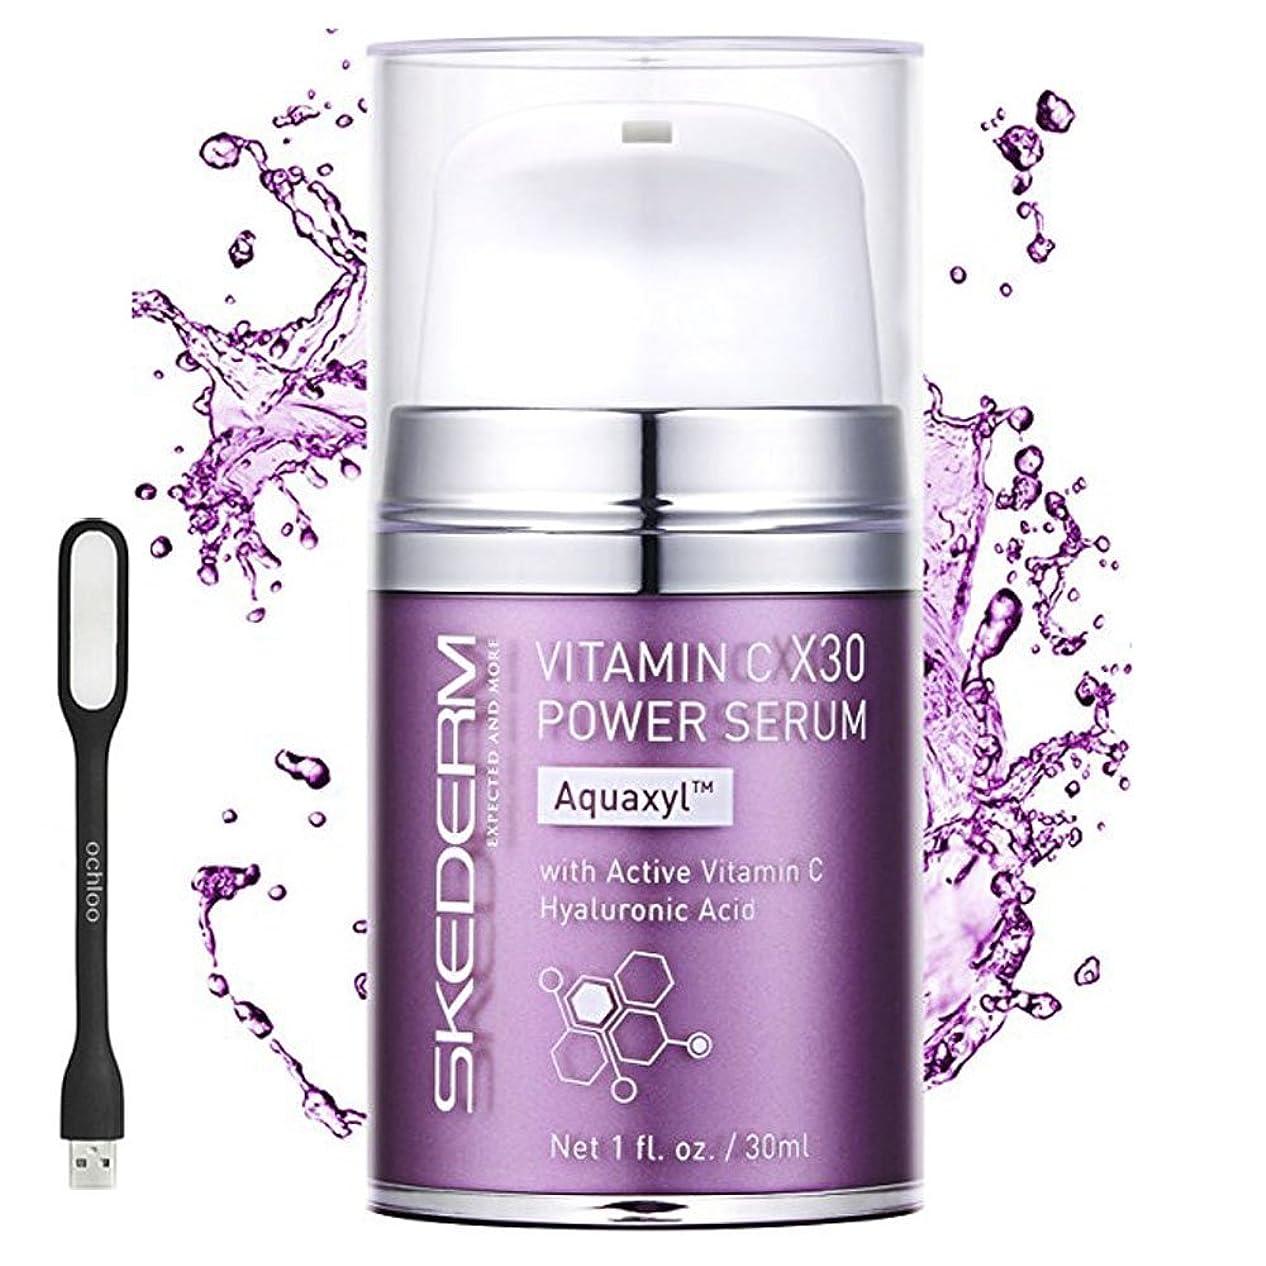 コーンラビリンストランスミッションSkederm New Vitamin C X30 Power Serum. Hyaluronic Acid with Aquaxyl. 新しいビタミンC X30パワーセラムAquaxyl を含むヒアルロン酸 50ml Ochloo logo tag usb led